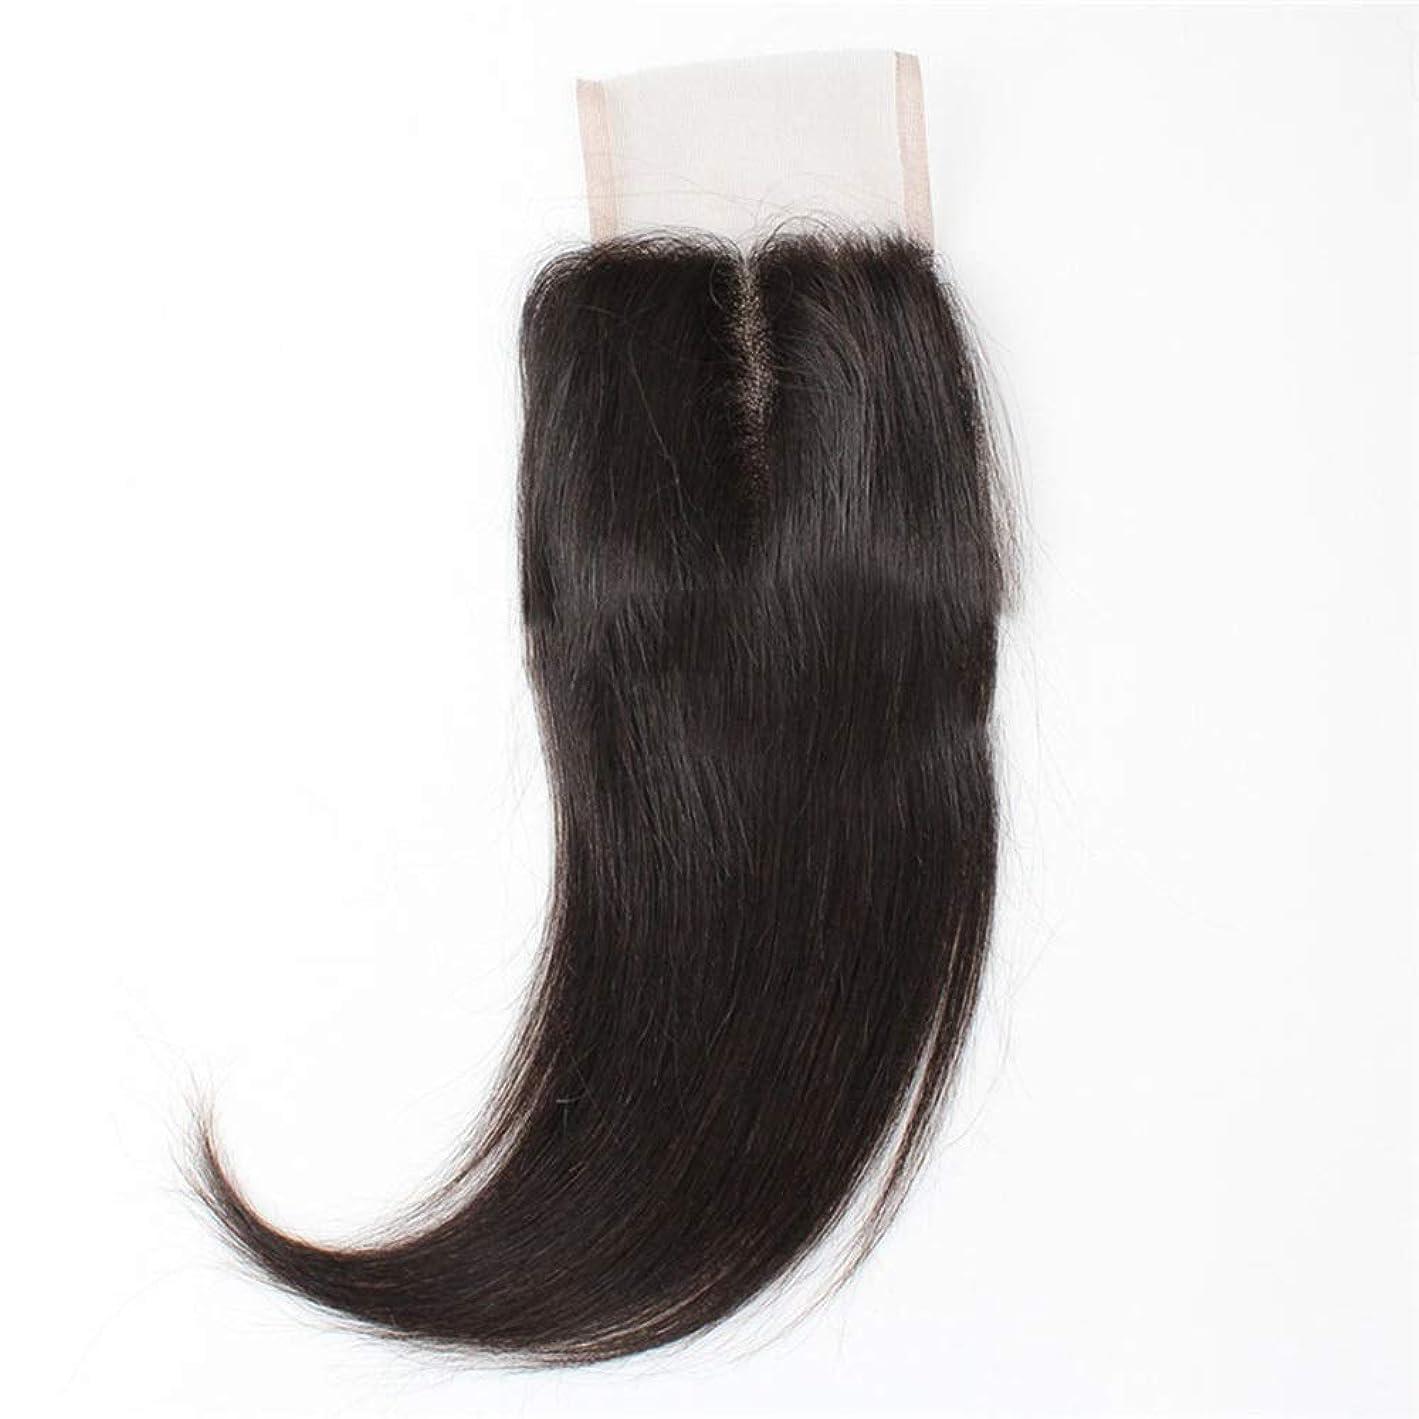 研究完璧即席BOBIDYEE ブラジルの髪4×4フルレース前頭閉鎖9A未処理人間の髪の毛絹のようなストレートヘアミドルパートナチュラルブラック複合毛レースのかつらロールプレイングかつらロングとショートの女性自然 (色 : 黒, サイズ : 16 inch)